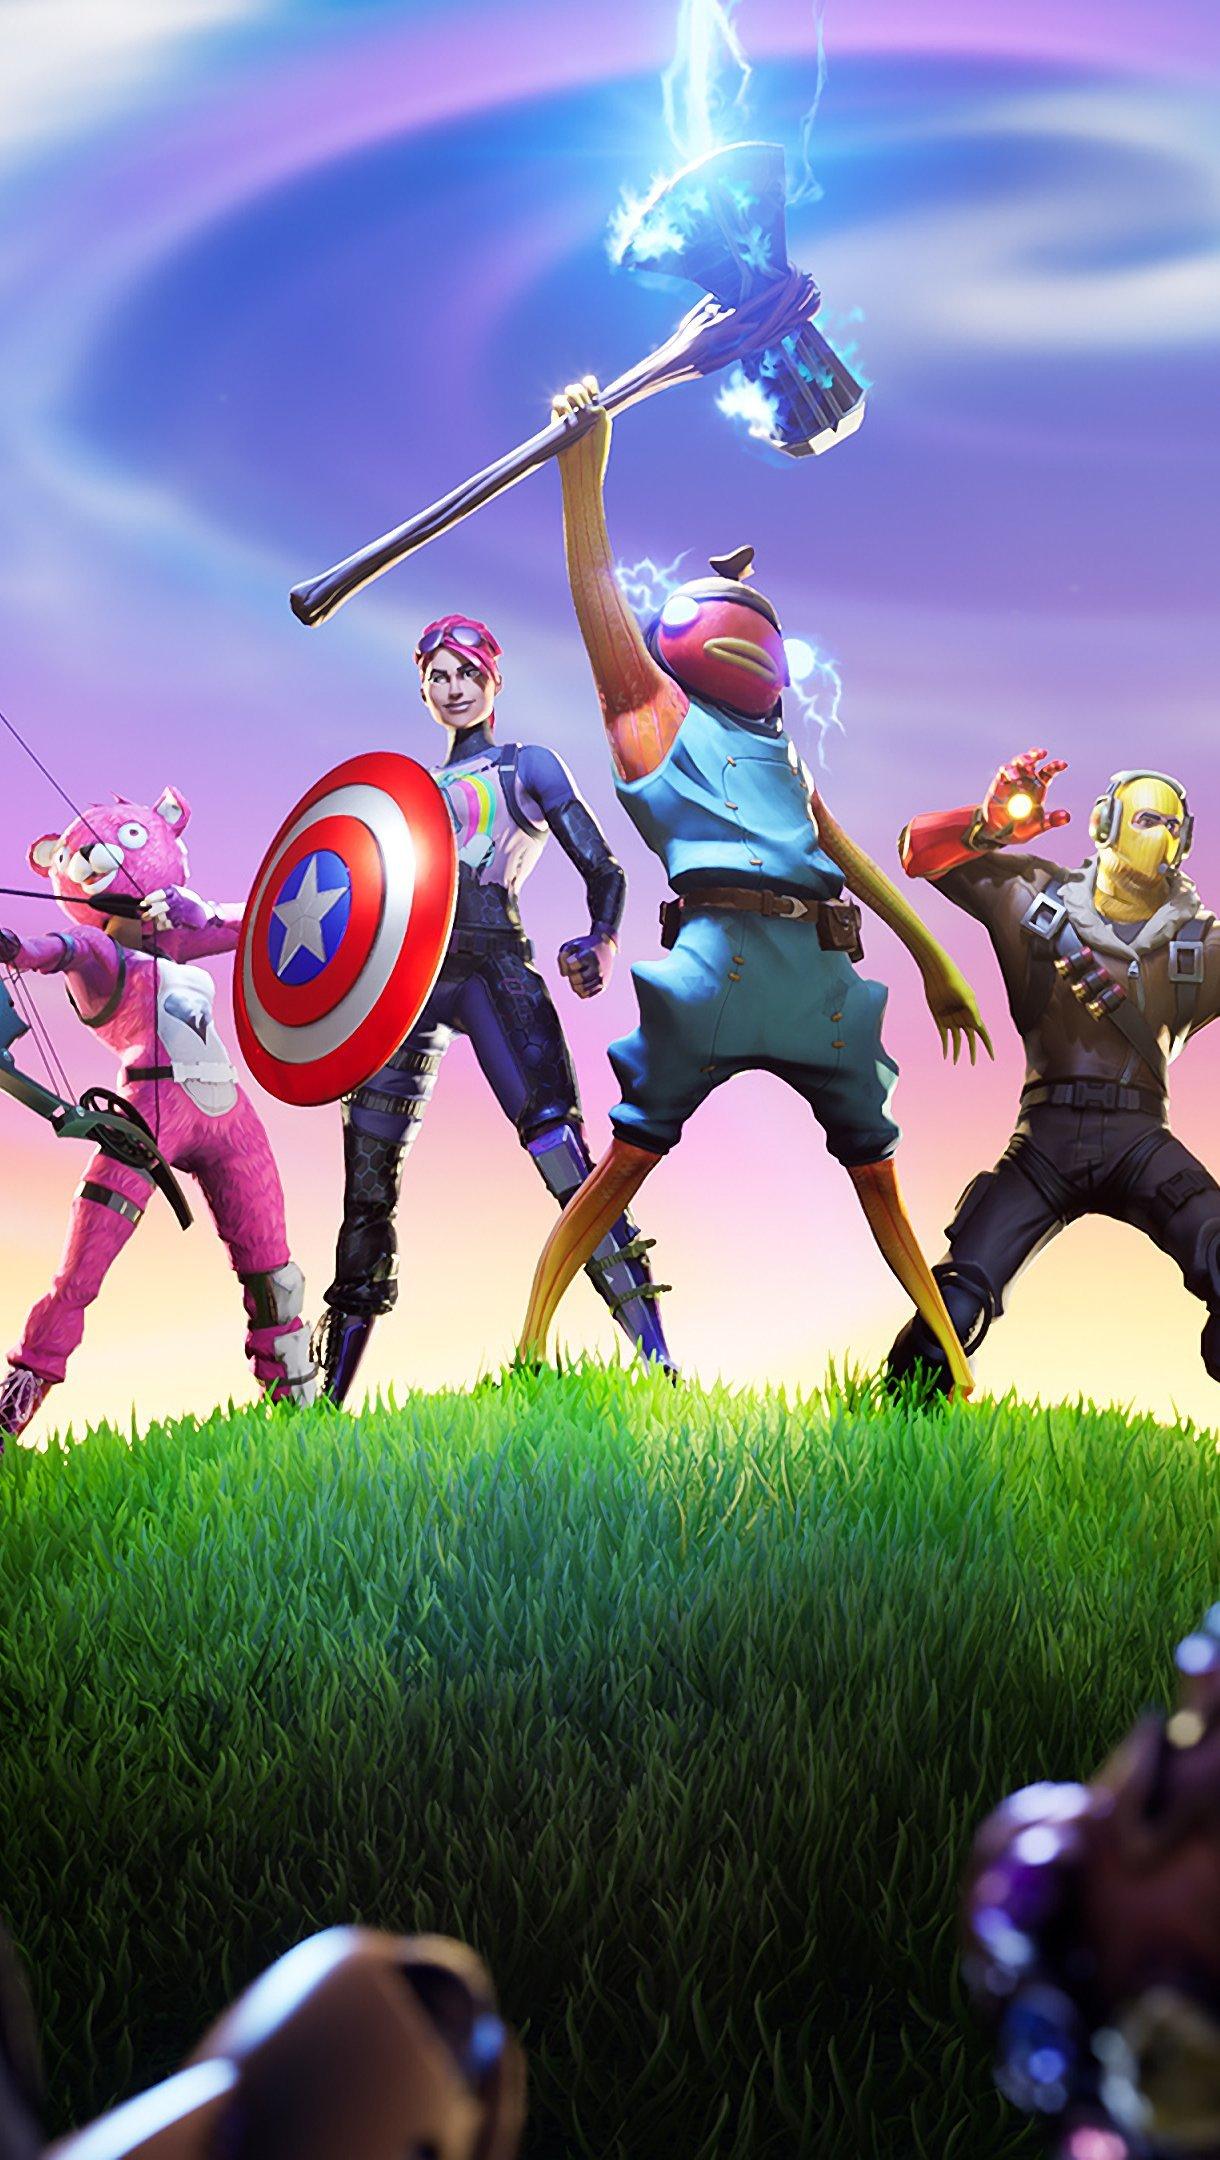 Wallpaper Fortnite X Avengers Stormbreaker Vertical